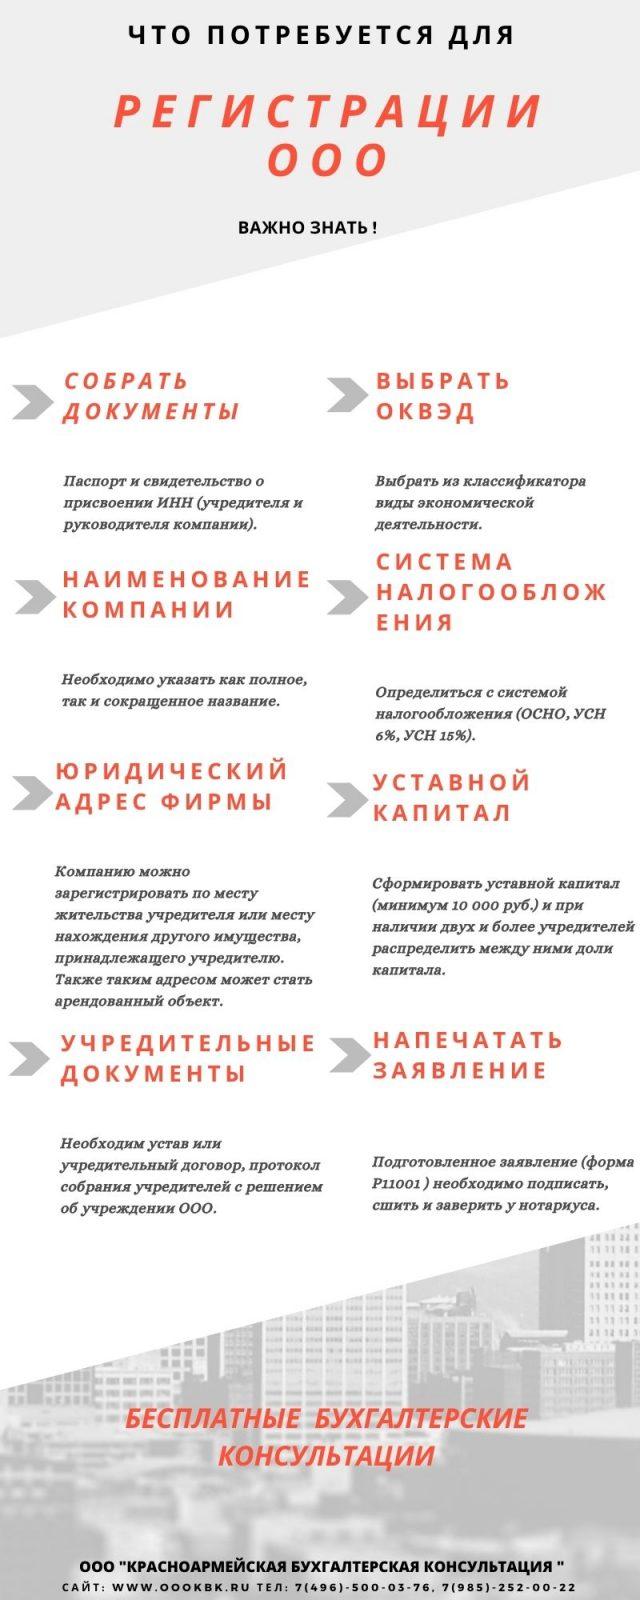 инфографика что нужно для регистрации ооо